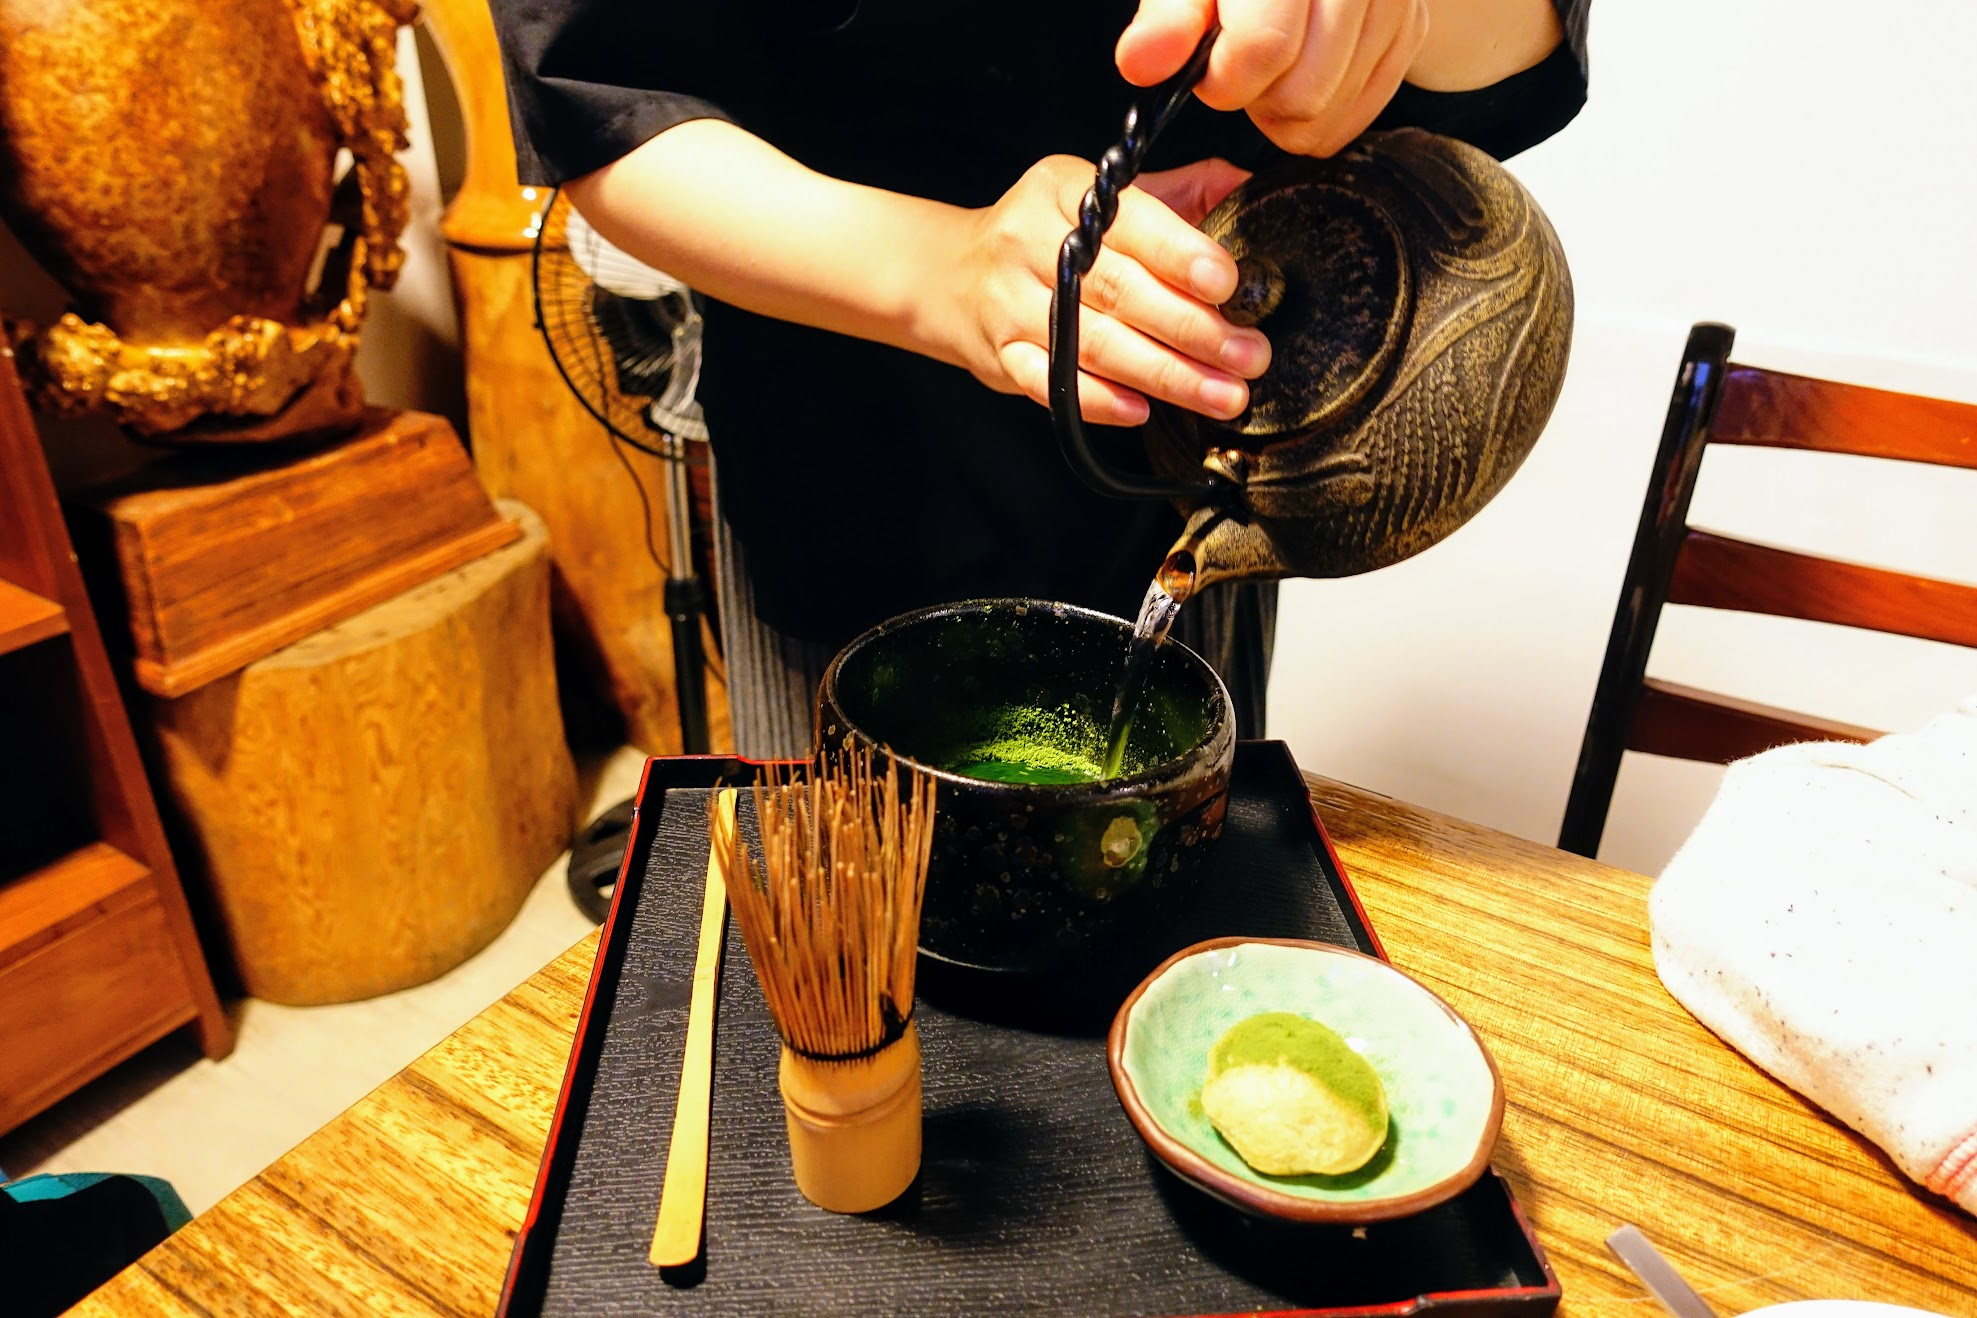 刷茶! 送上來時候就是抹茶粉在碗底,倒入熱水沖泡在用刷子刷...